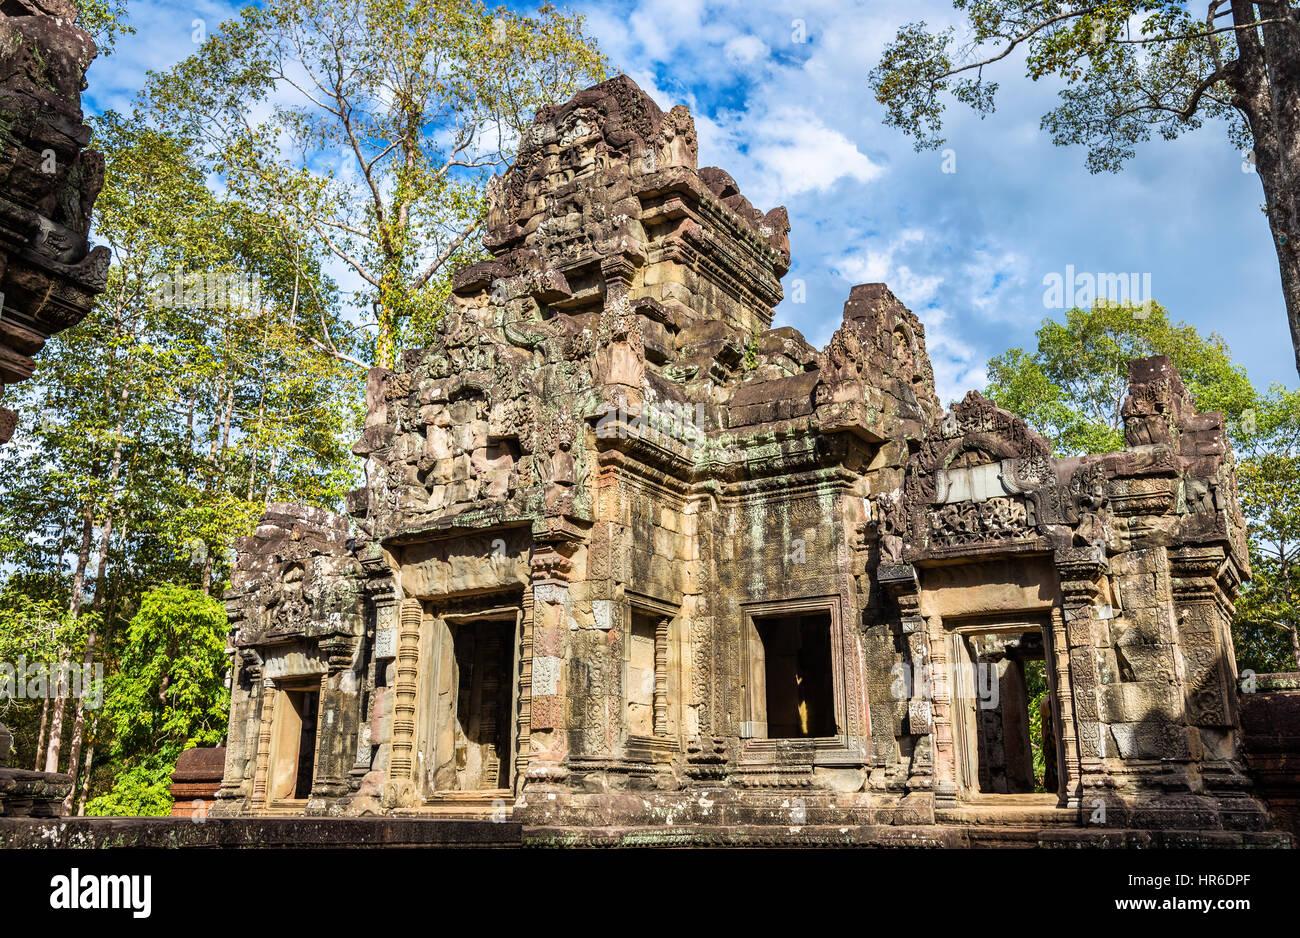 Chau Say Tevoda temple at Angkor, Cambodia - Stock Image